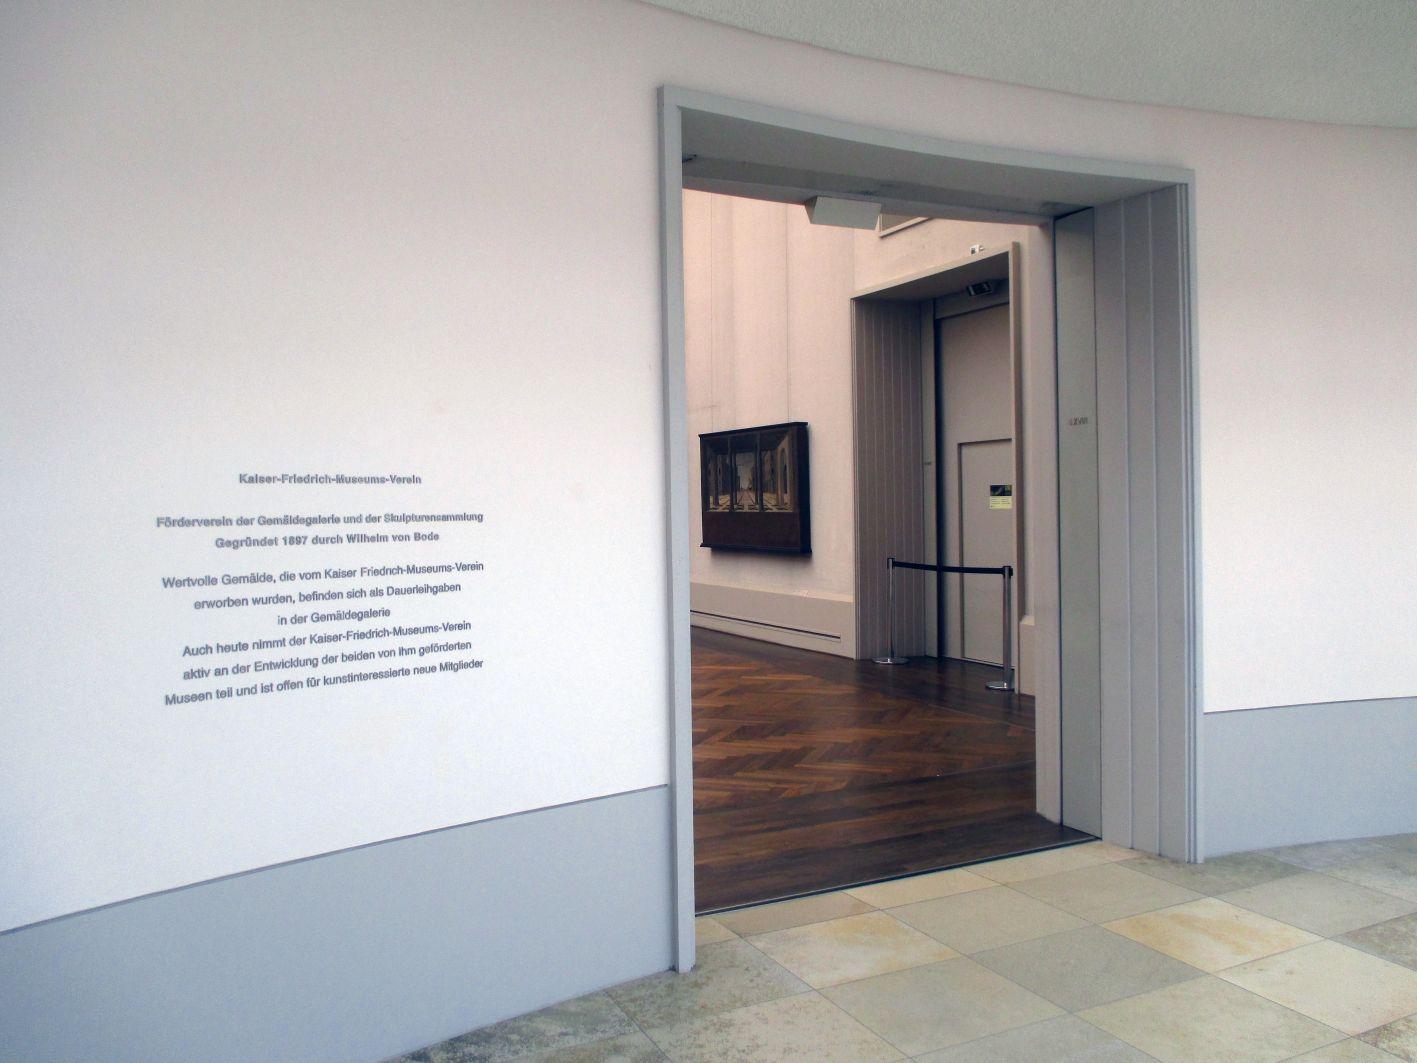 Blick in Raum Nr. XVIII © Foto: Gemäldegalerie der Staatlichen Museen zu Berlin - Preußischer Kulturbesitz: Autor